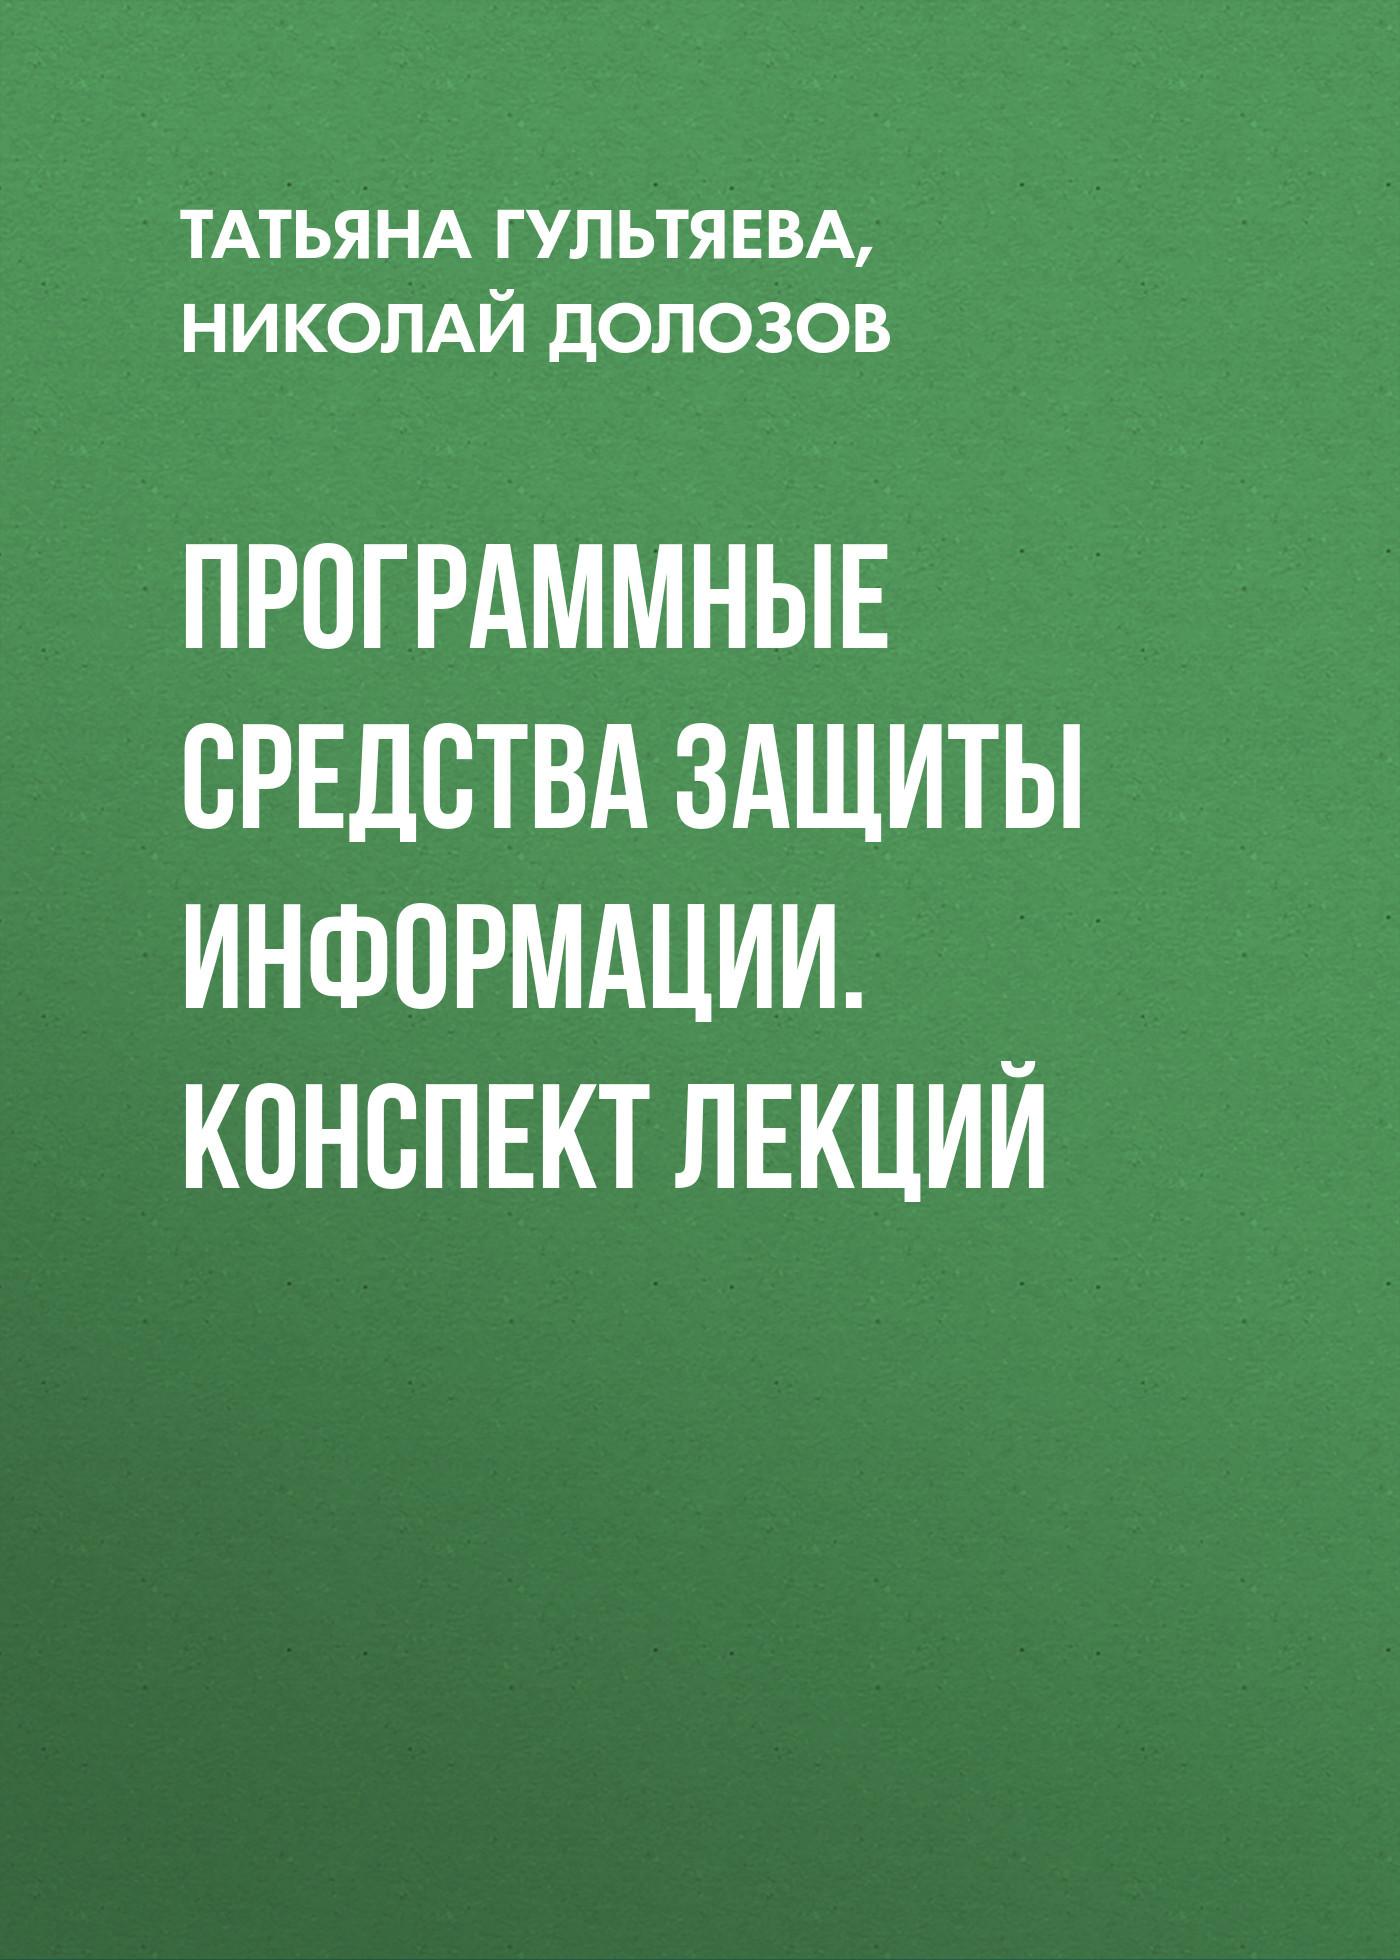 Николай Долозов Программные средства защиты информации. конспект лекций